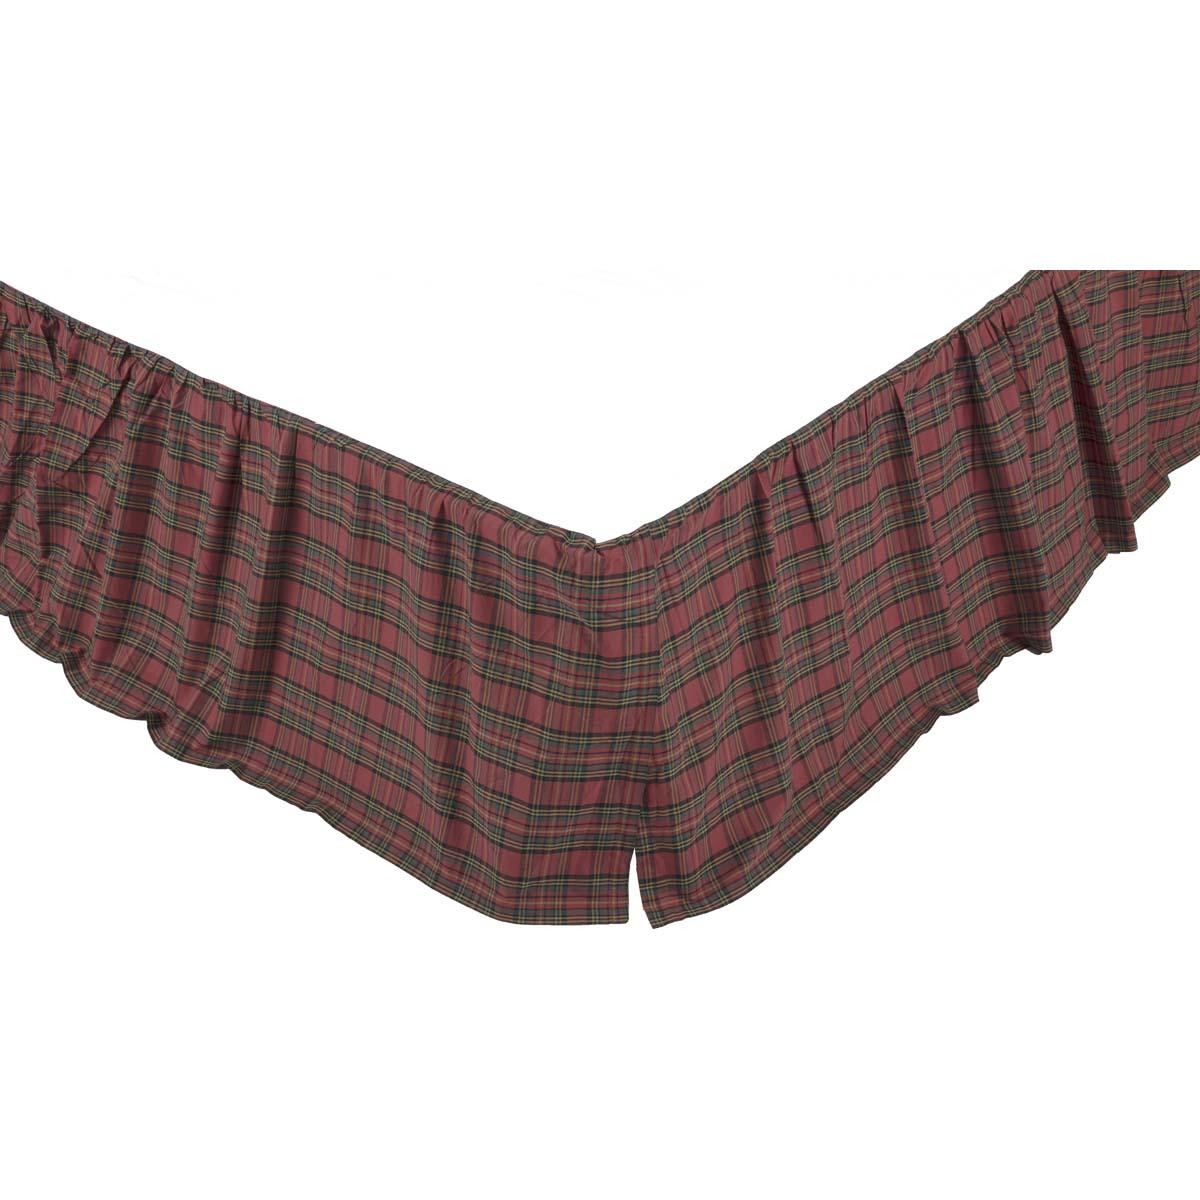 Tartan Red Plaid Queen Bed Skirt 60x80x16